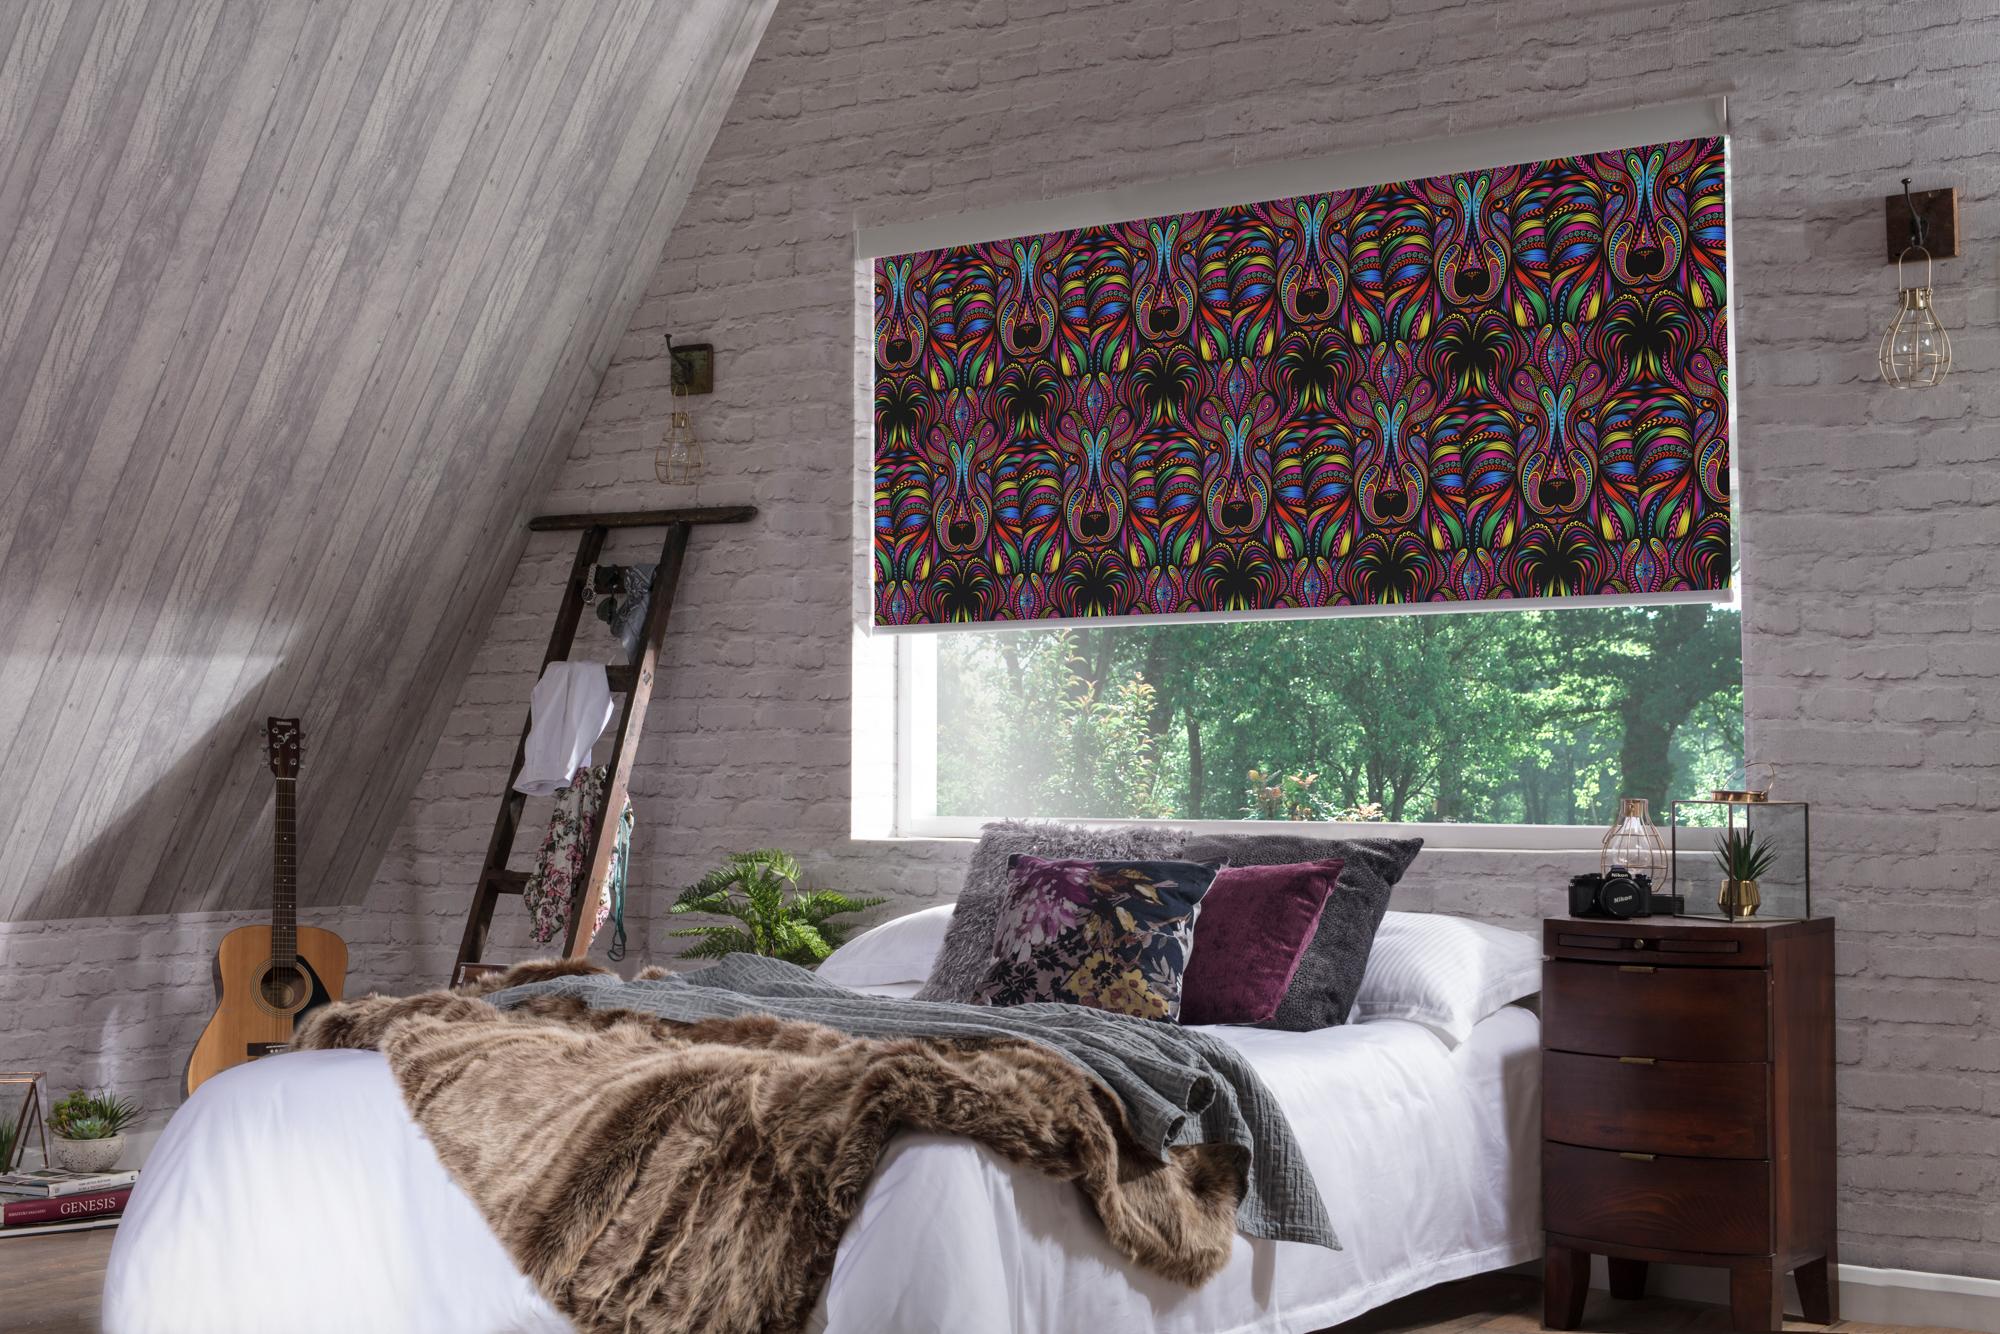 Aslan_Roller_Loft_Bedroom.jpg